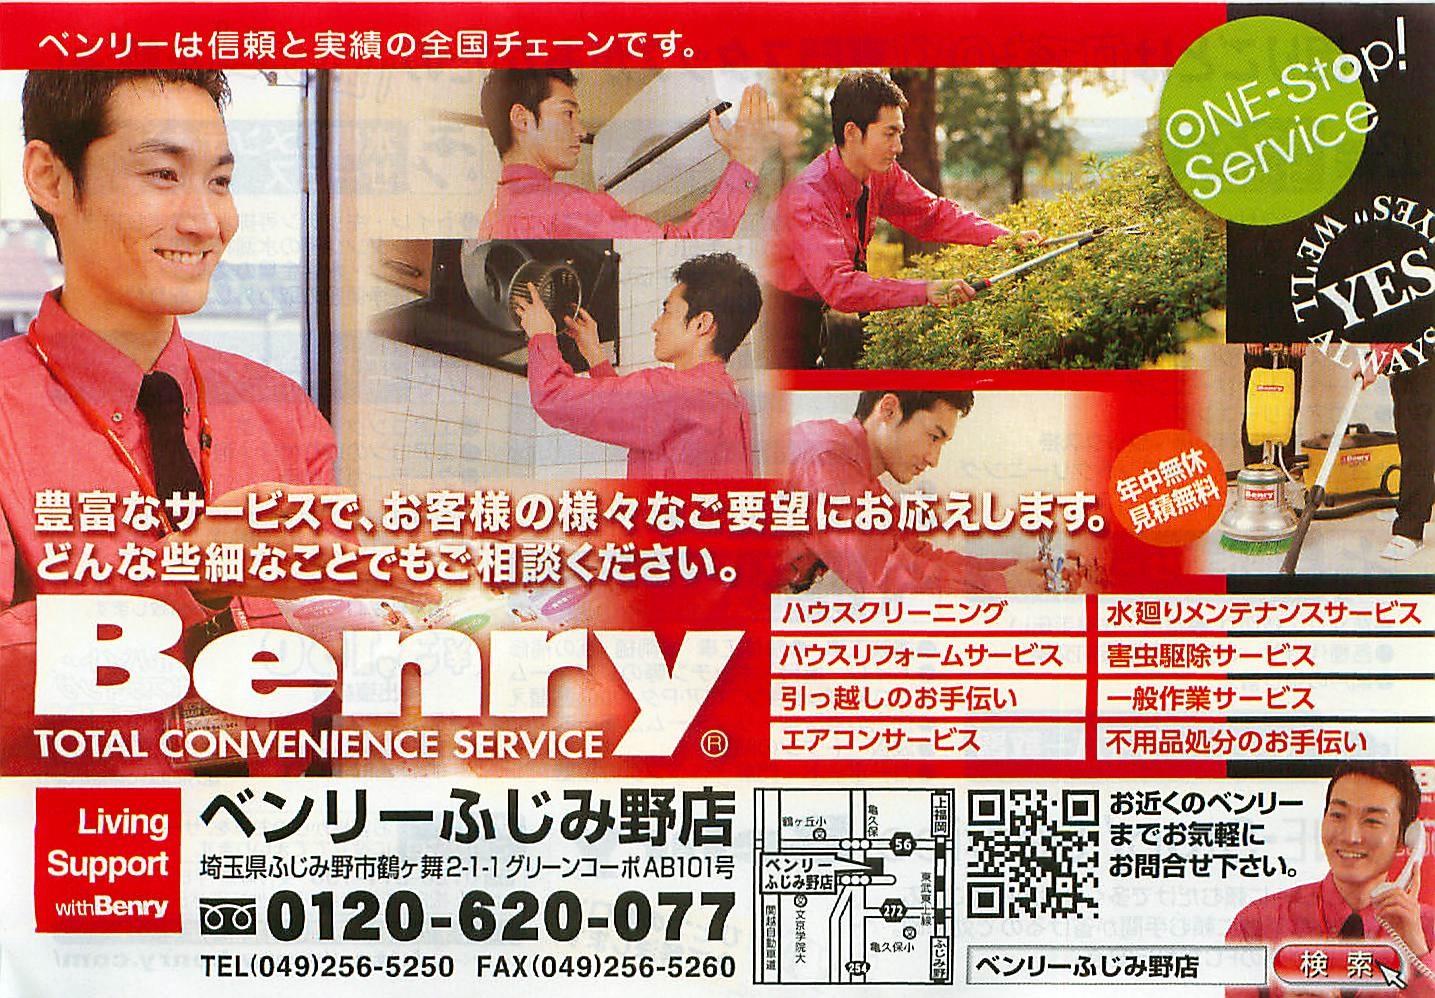 ベンリーふじみ野店 | 彩みる(...